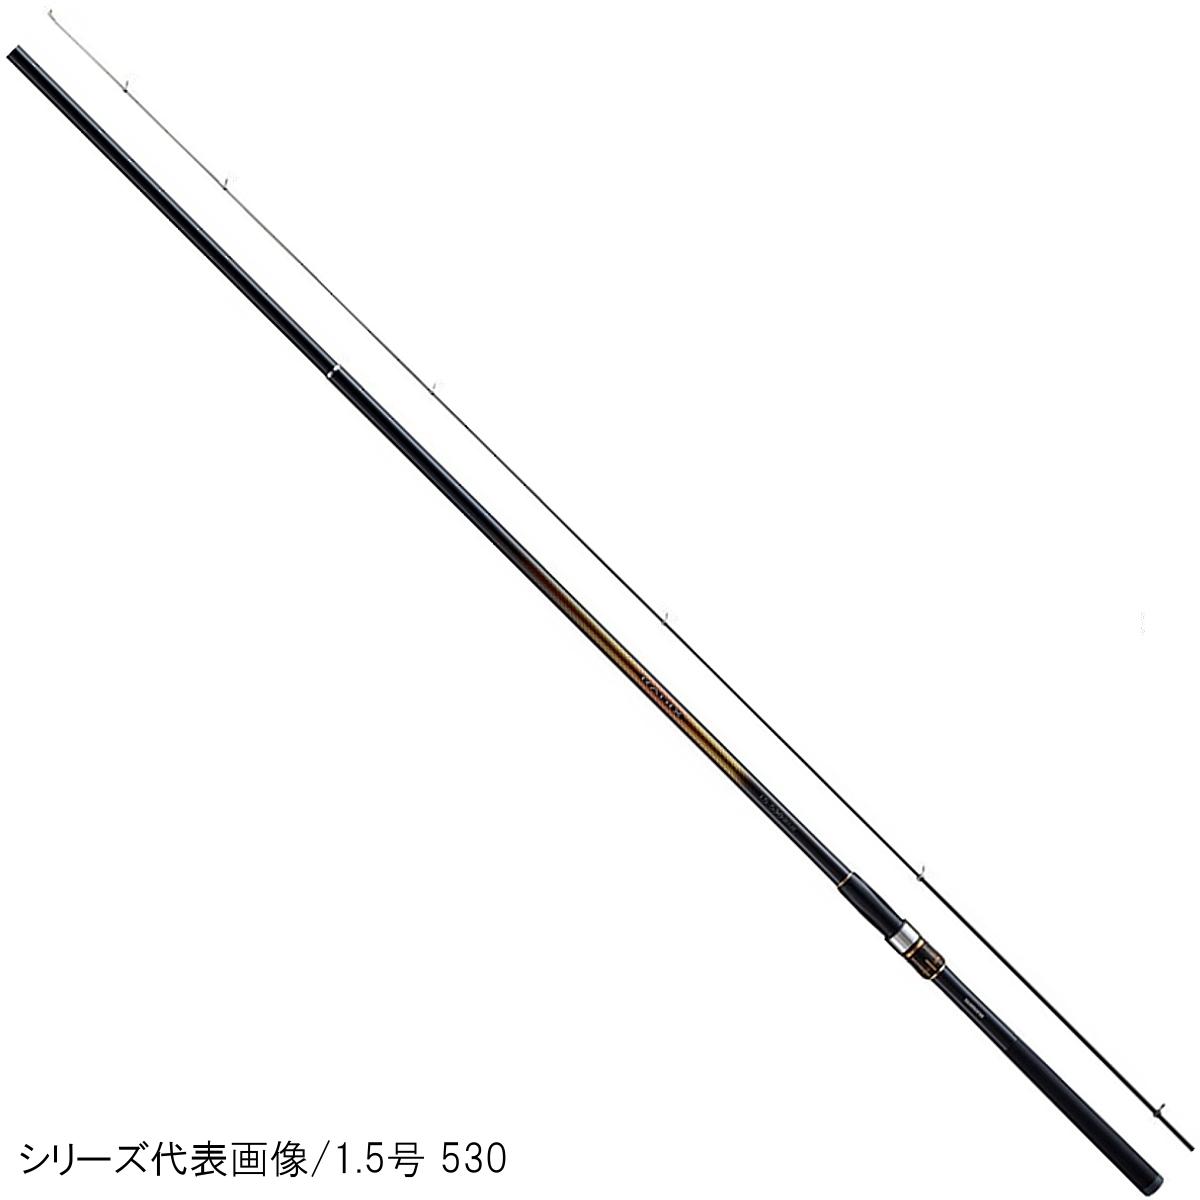 シマノ ラディックス 1.5号 500